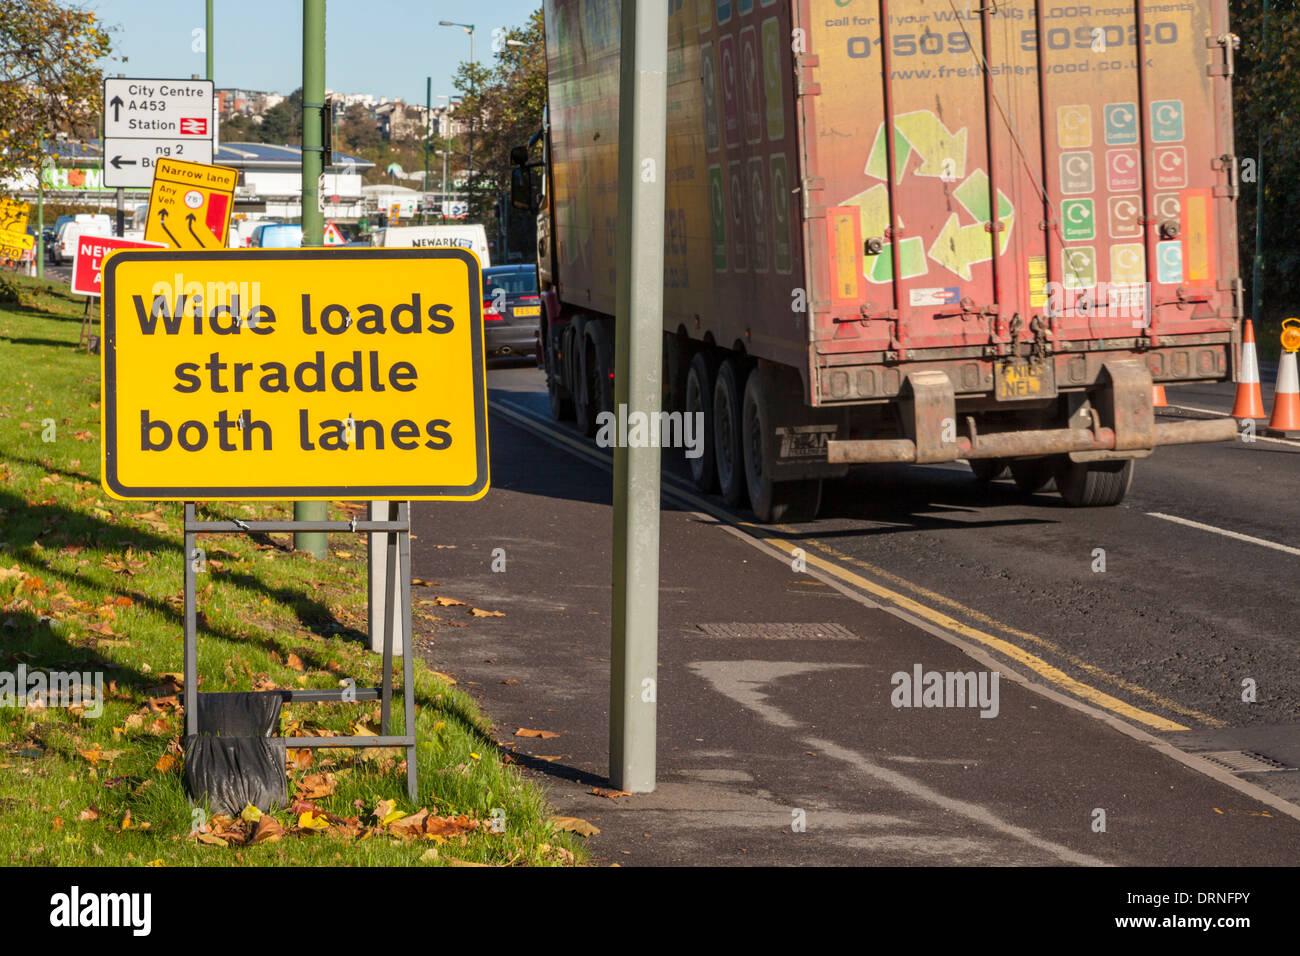 Wide loads straddle both lanes sign at road works, Nottingham, England, UK - Stock Image